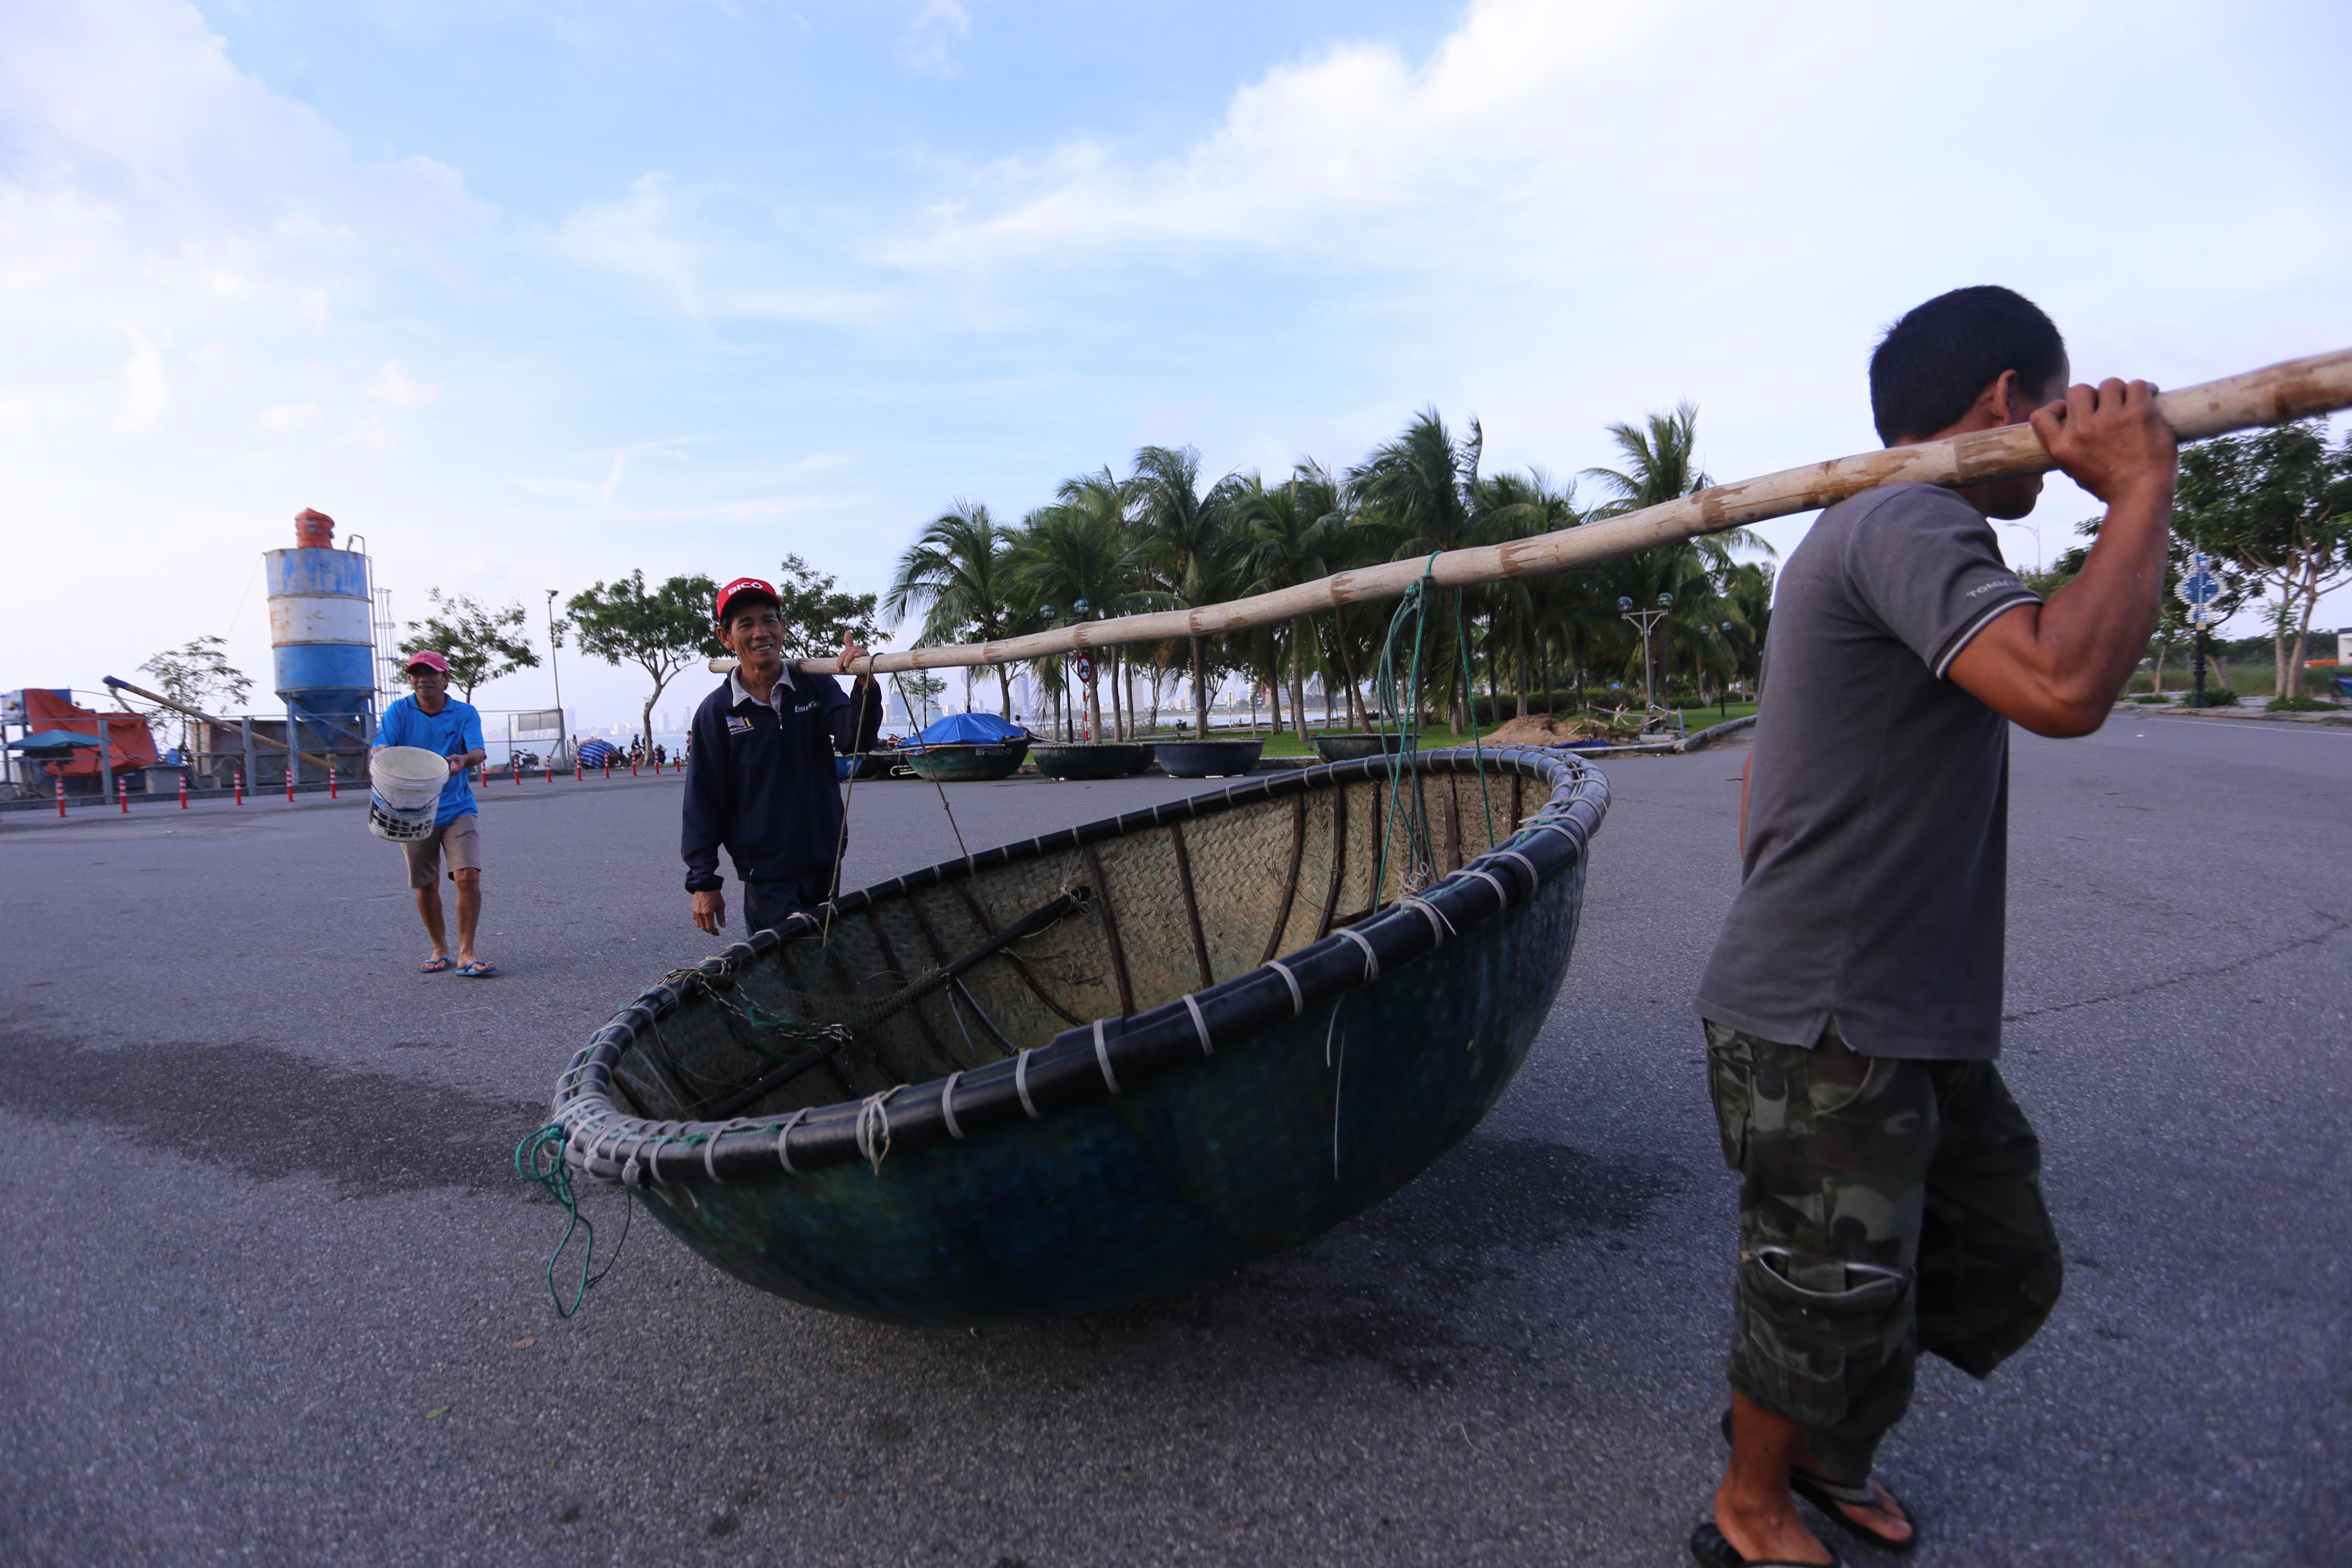 [Ảnh] Xe tải cẩu chở thuyền đến nơi an toàn, công an, bộ đội giúp người Đà Nẵng chằng chống nhà cửa đón bão số 9 - Ảnh 3.